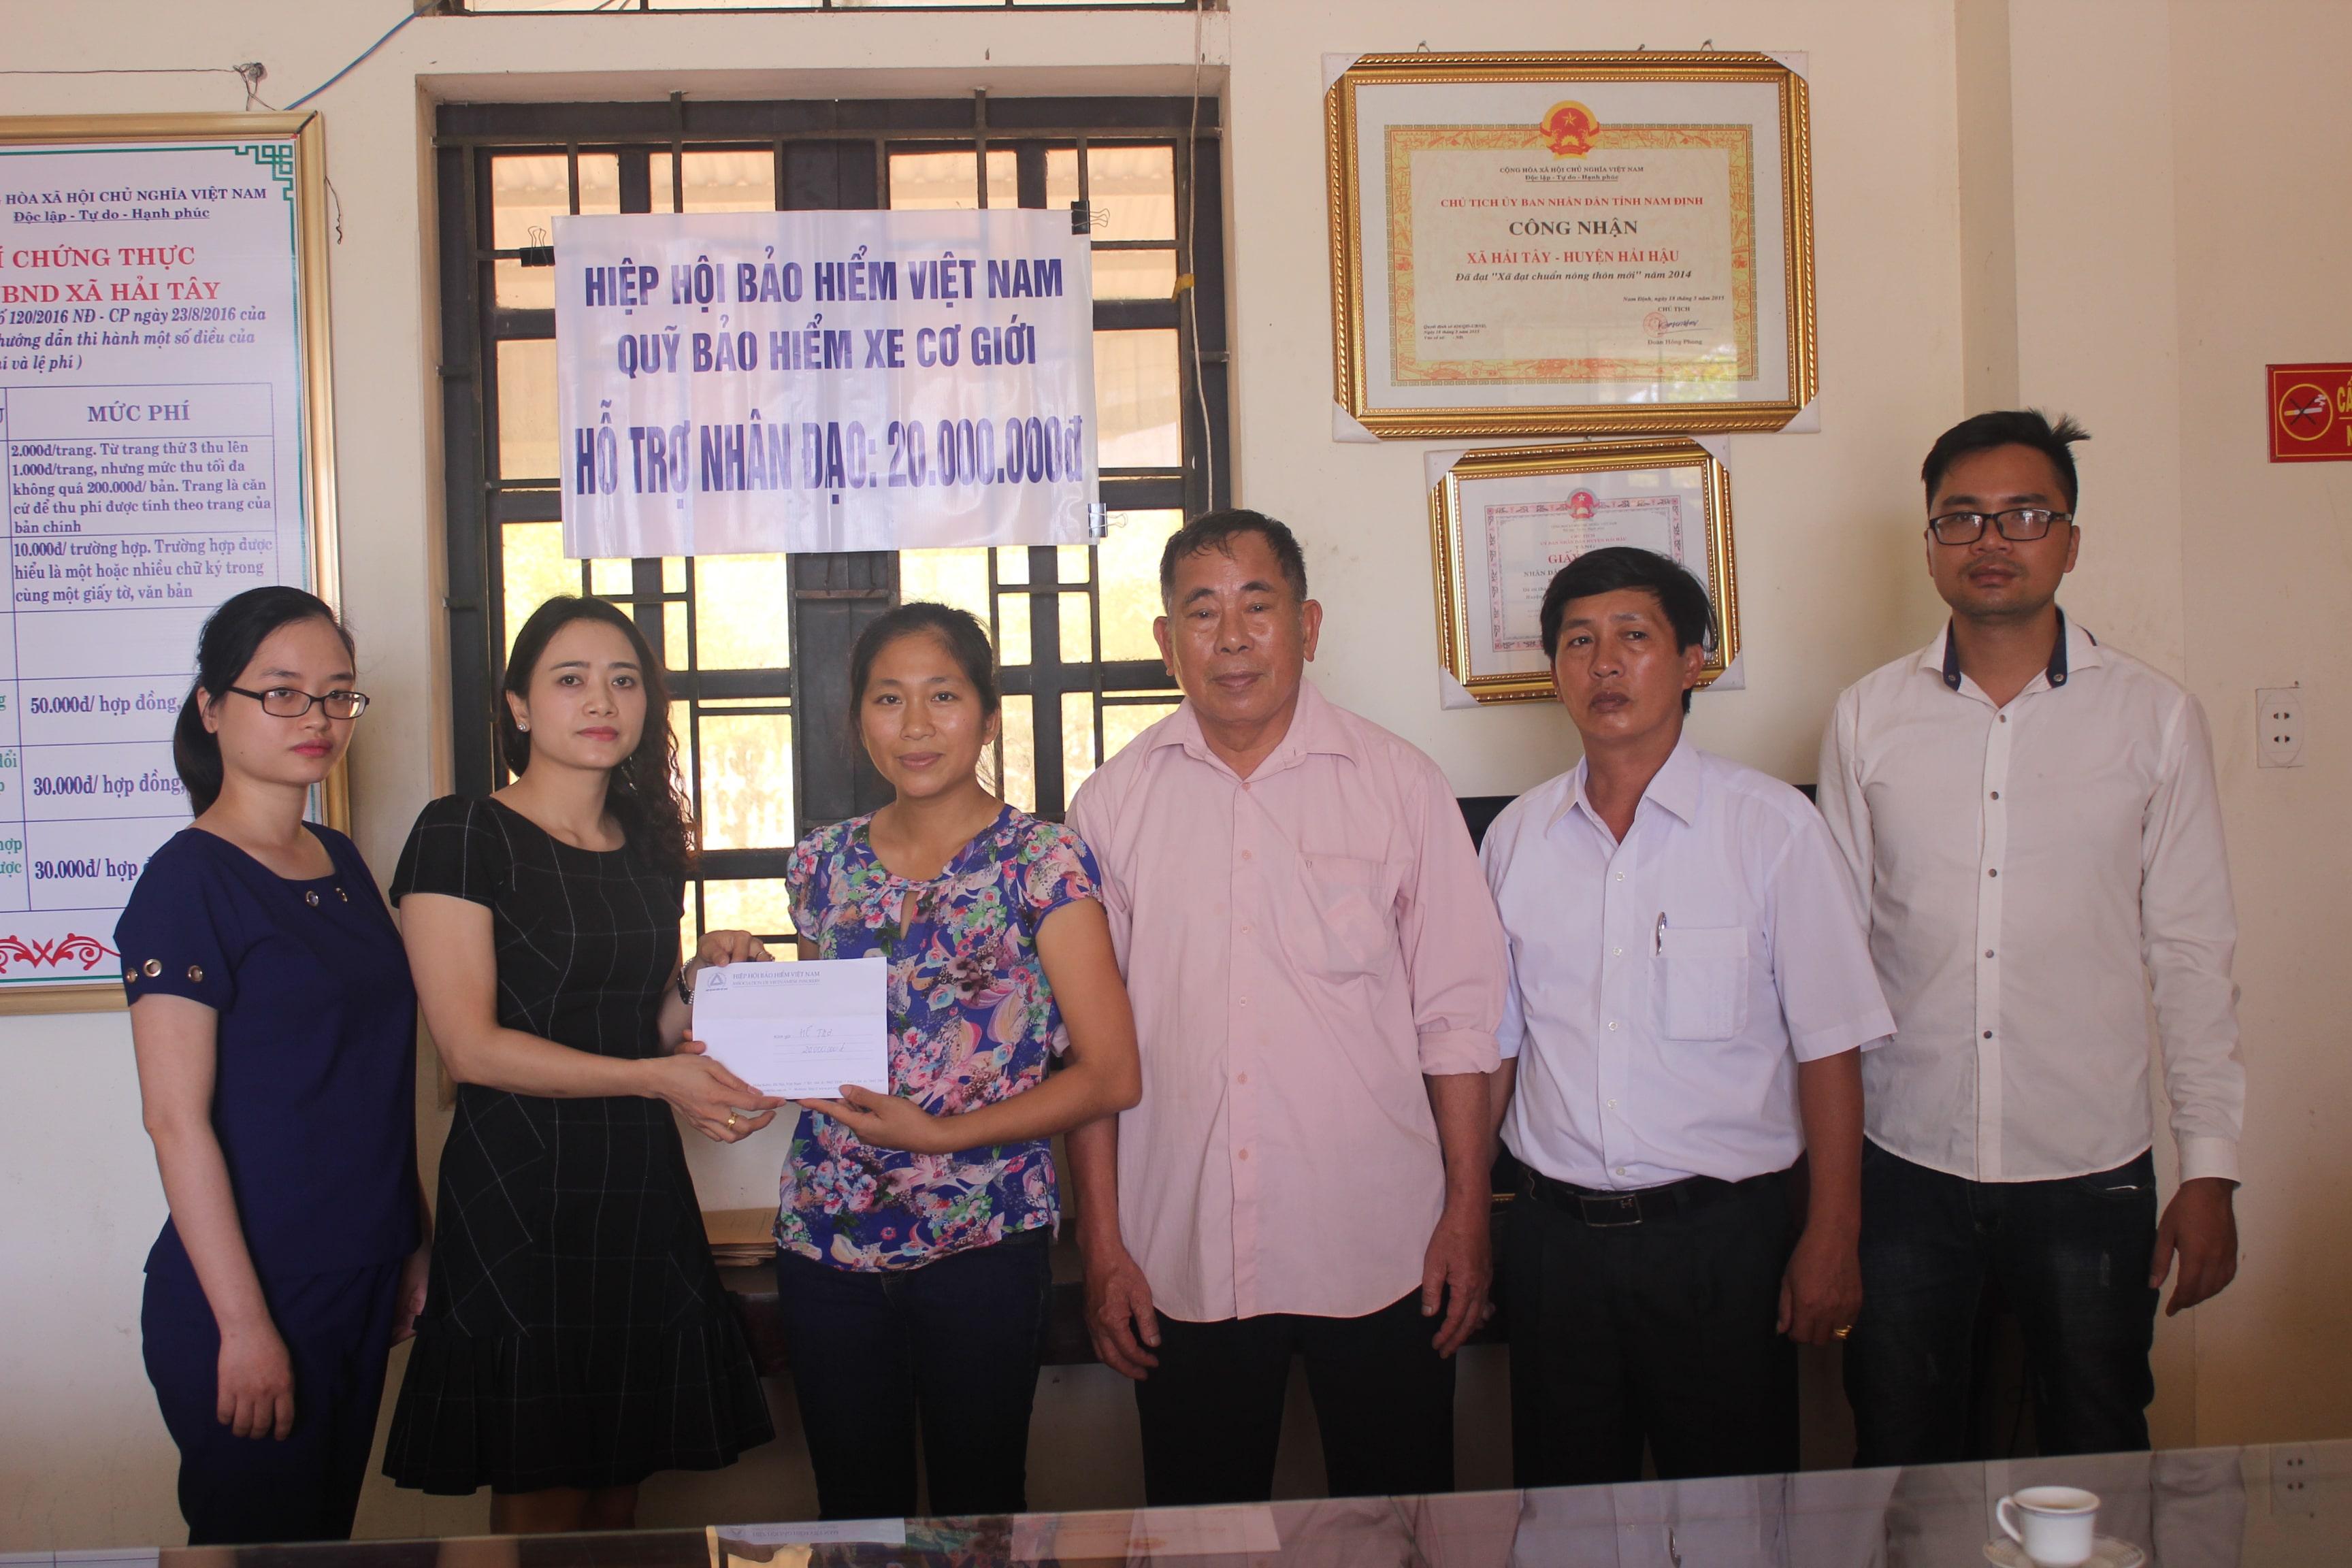 Quỹ Bảo hiểm xe cơ giới hỗ trợ nhân đạo cho gia đình nạn nhân tử vong do tai nạn giao thông tại Hải Hậu – Nam Định